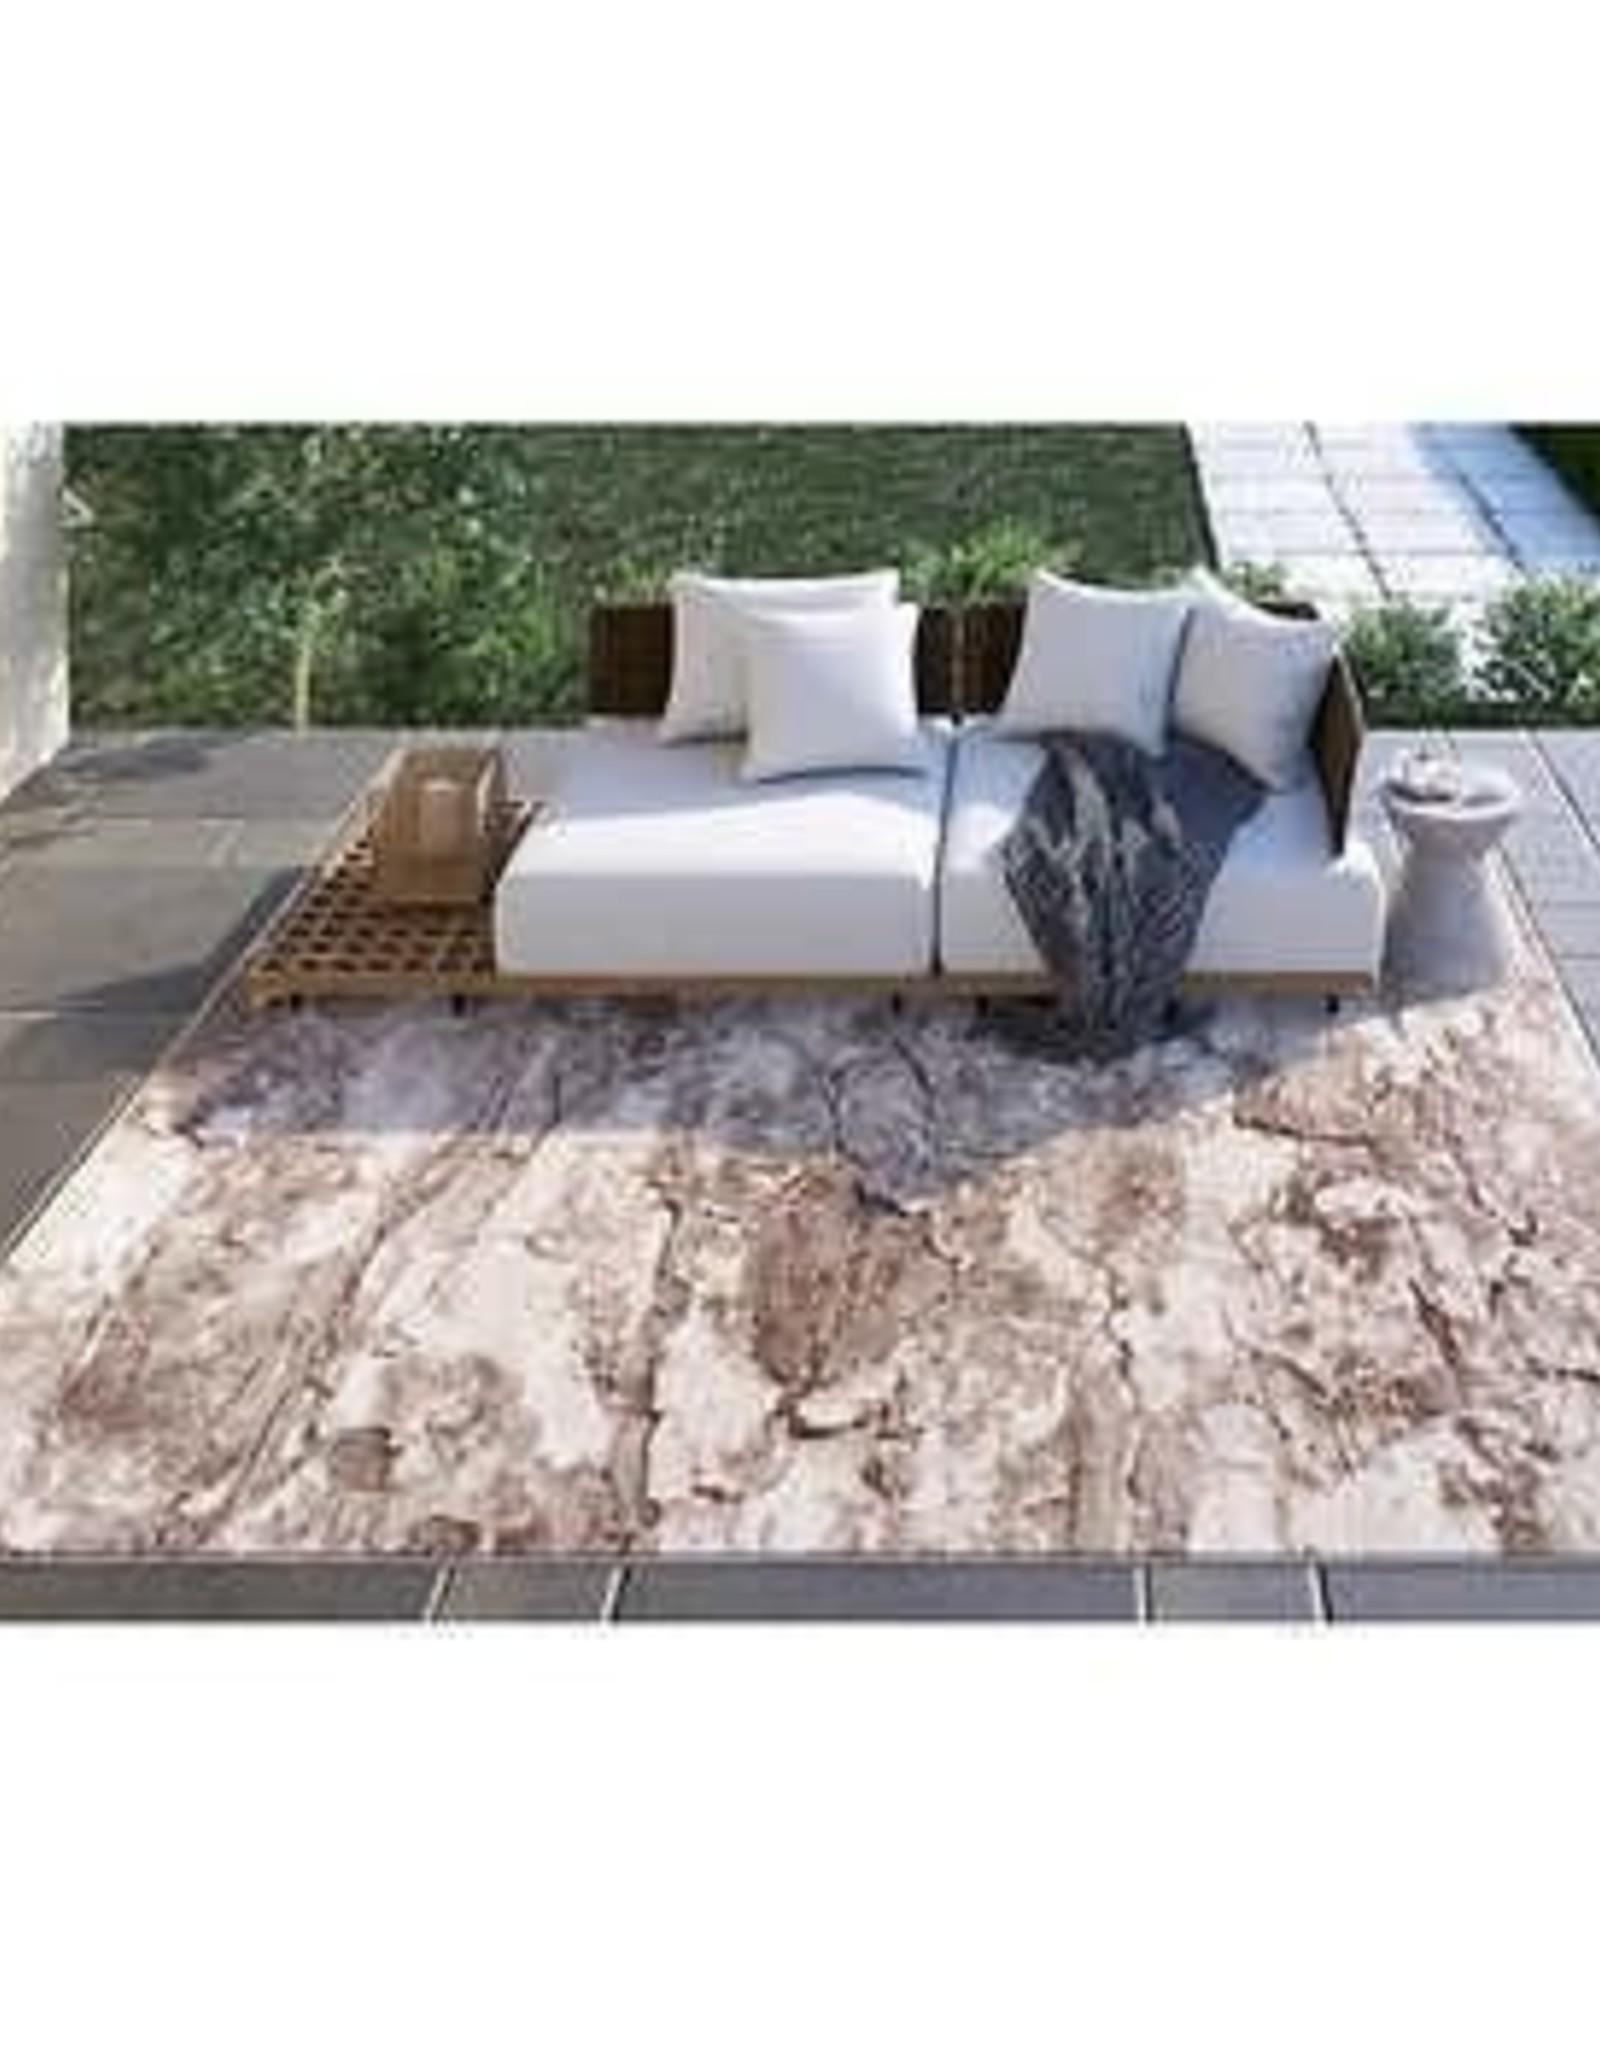 ART CARPET LLC 8X10 Carmel Indoor/Outdoor Area Rug, Beige